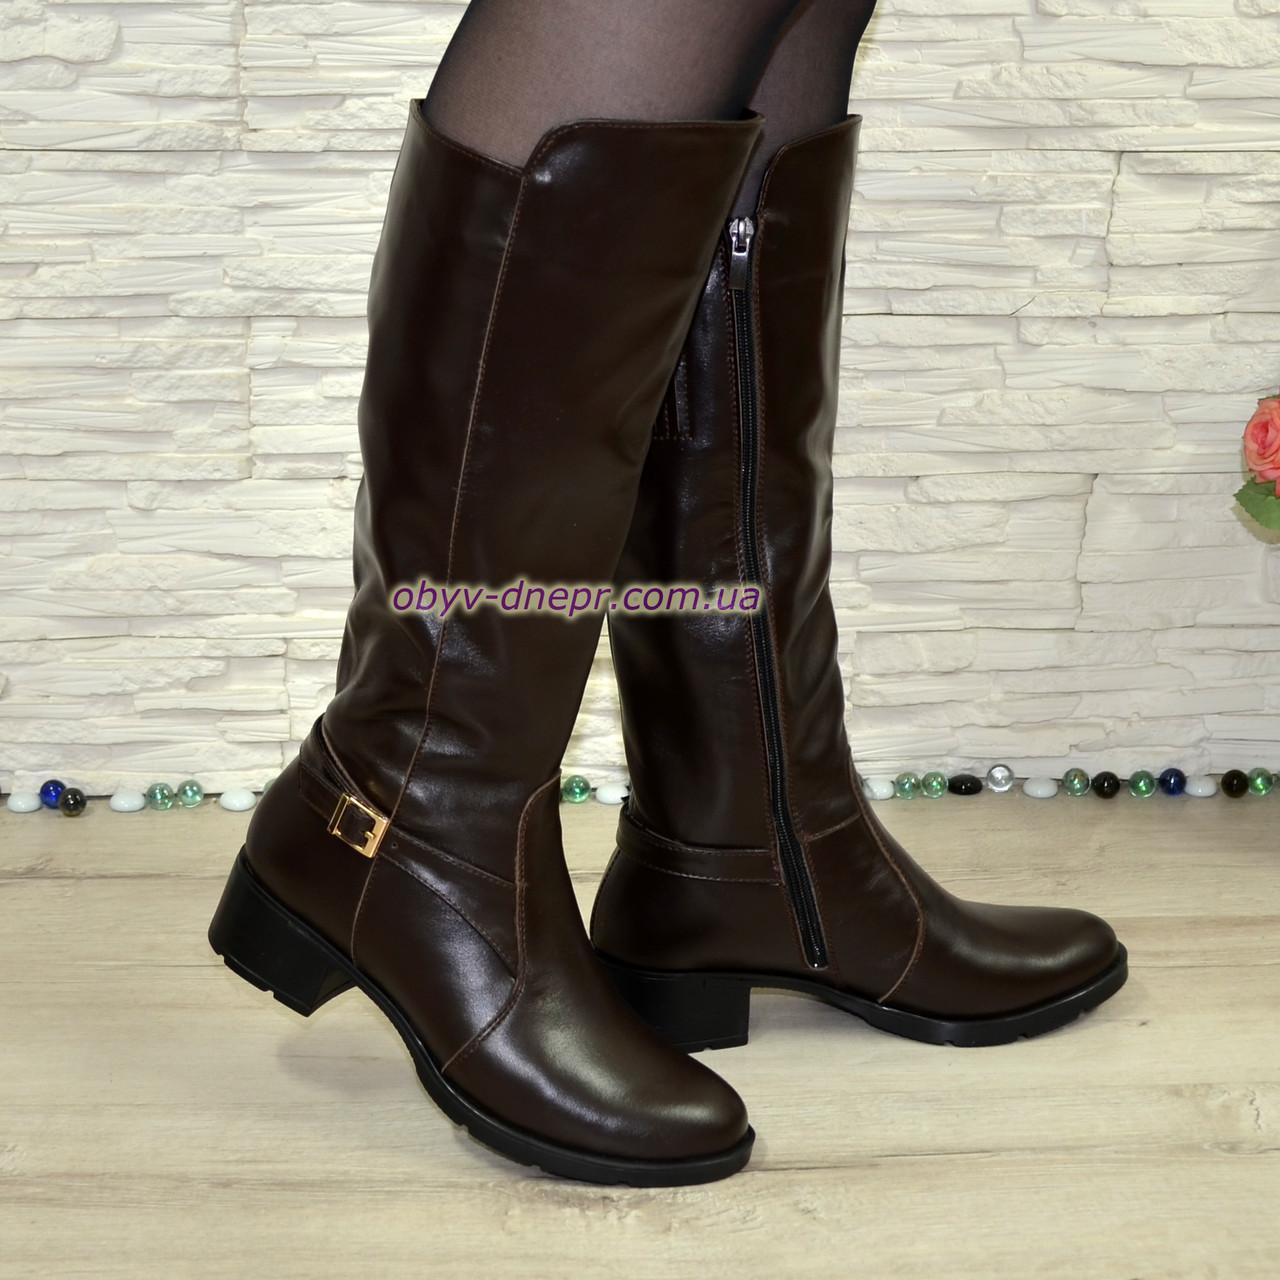 Сапоги женские зимние на невысоком каблуке, натуральная коричневая кожа.